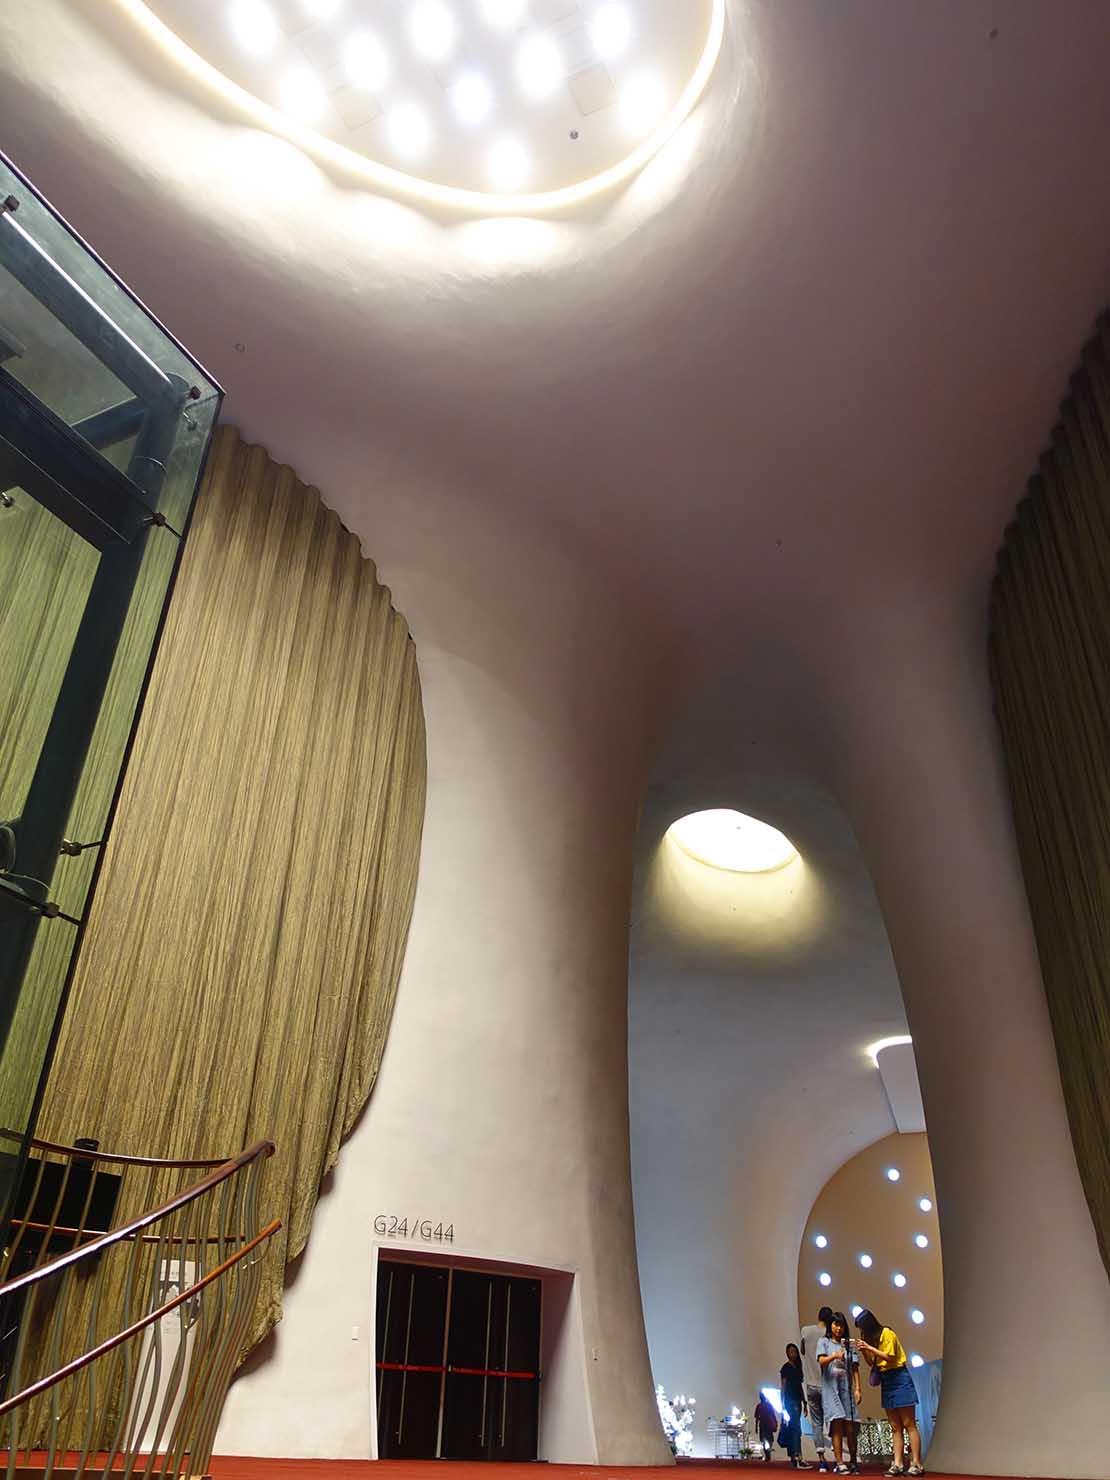 台中観光のおすすめスポット「台中歌劇院」コンサートホールのエントランス